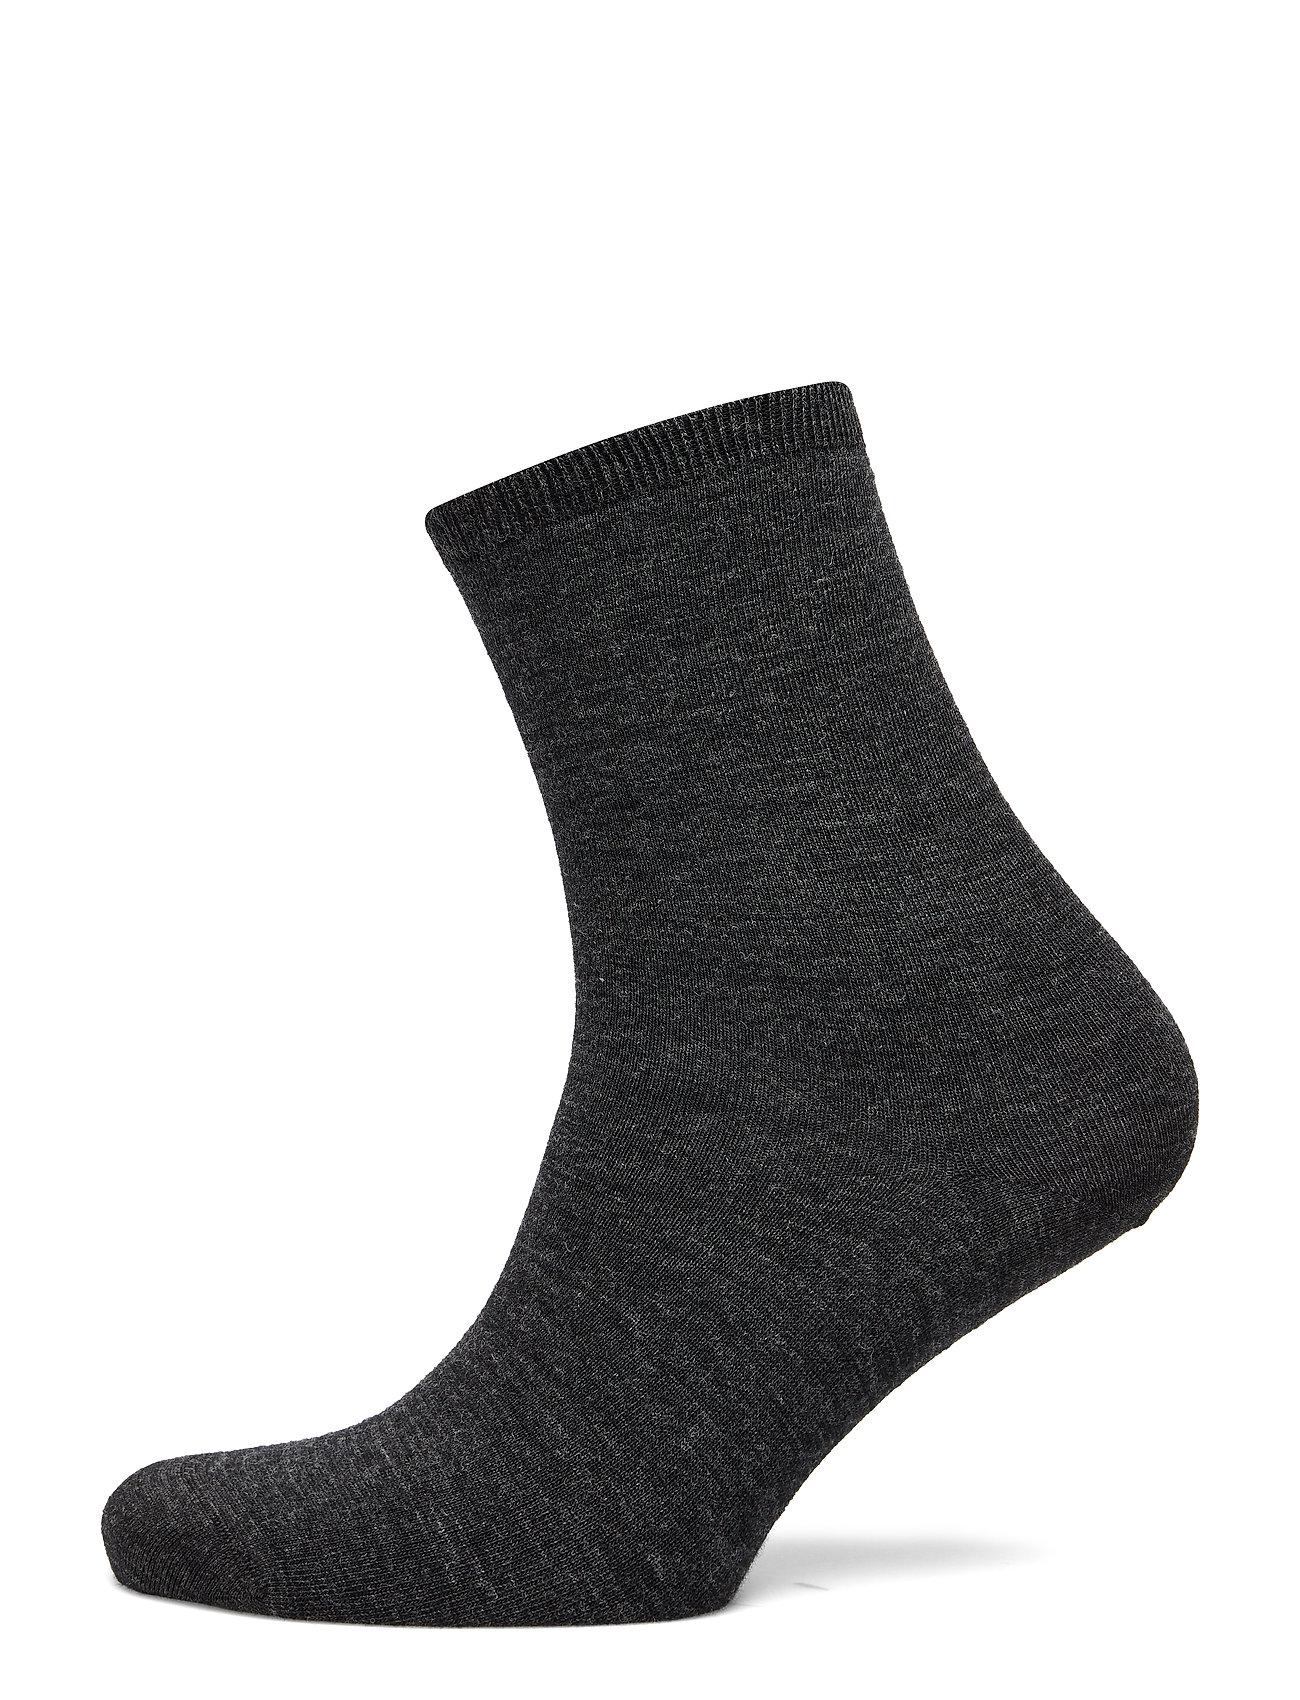 Vogue Ladies anklesock, Plain Merino Wool Socks - ASPHALT